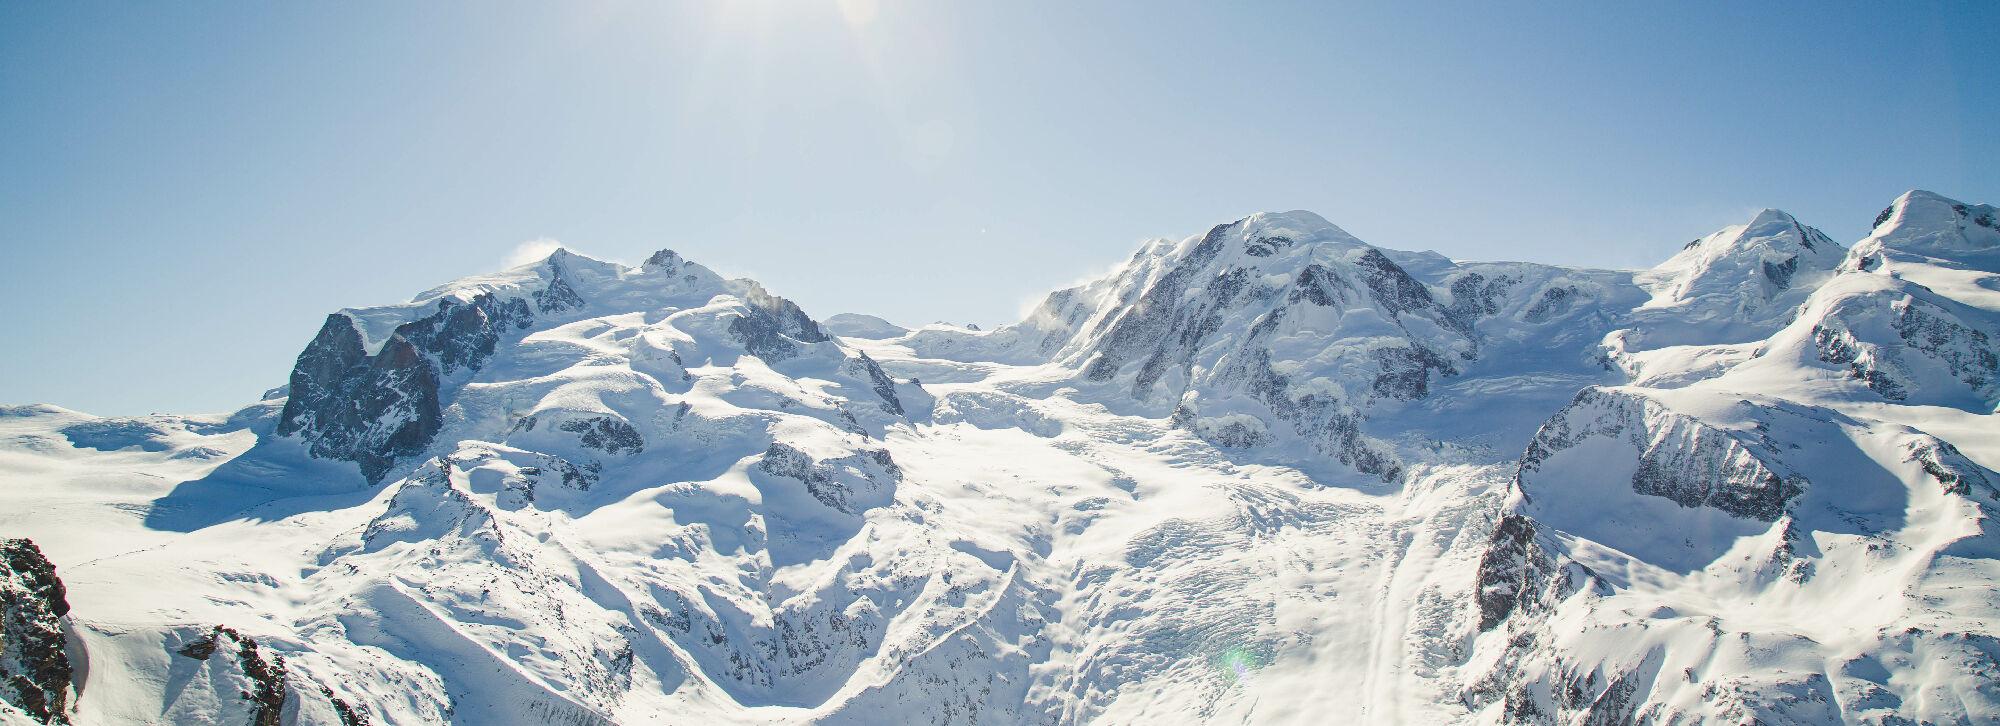 Zermatt: Ausblick vom Gornergrat